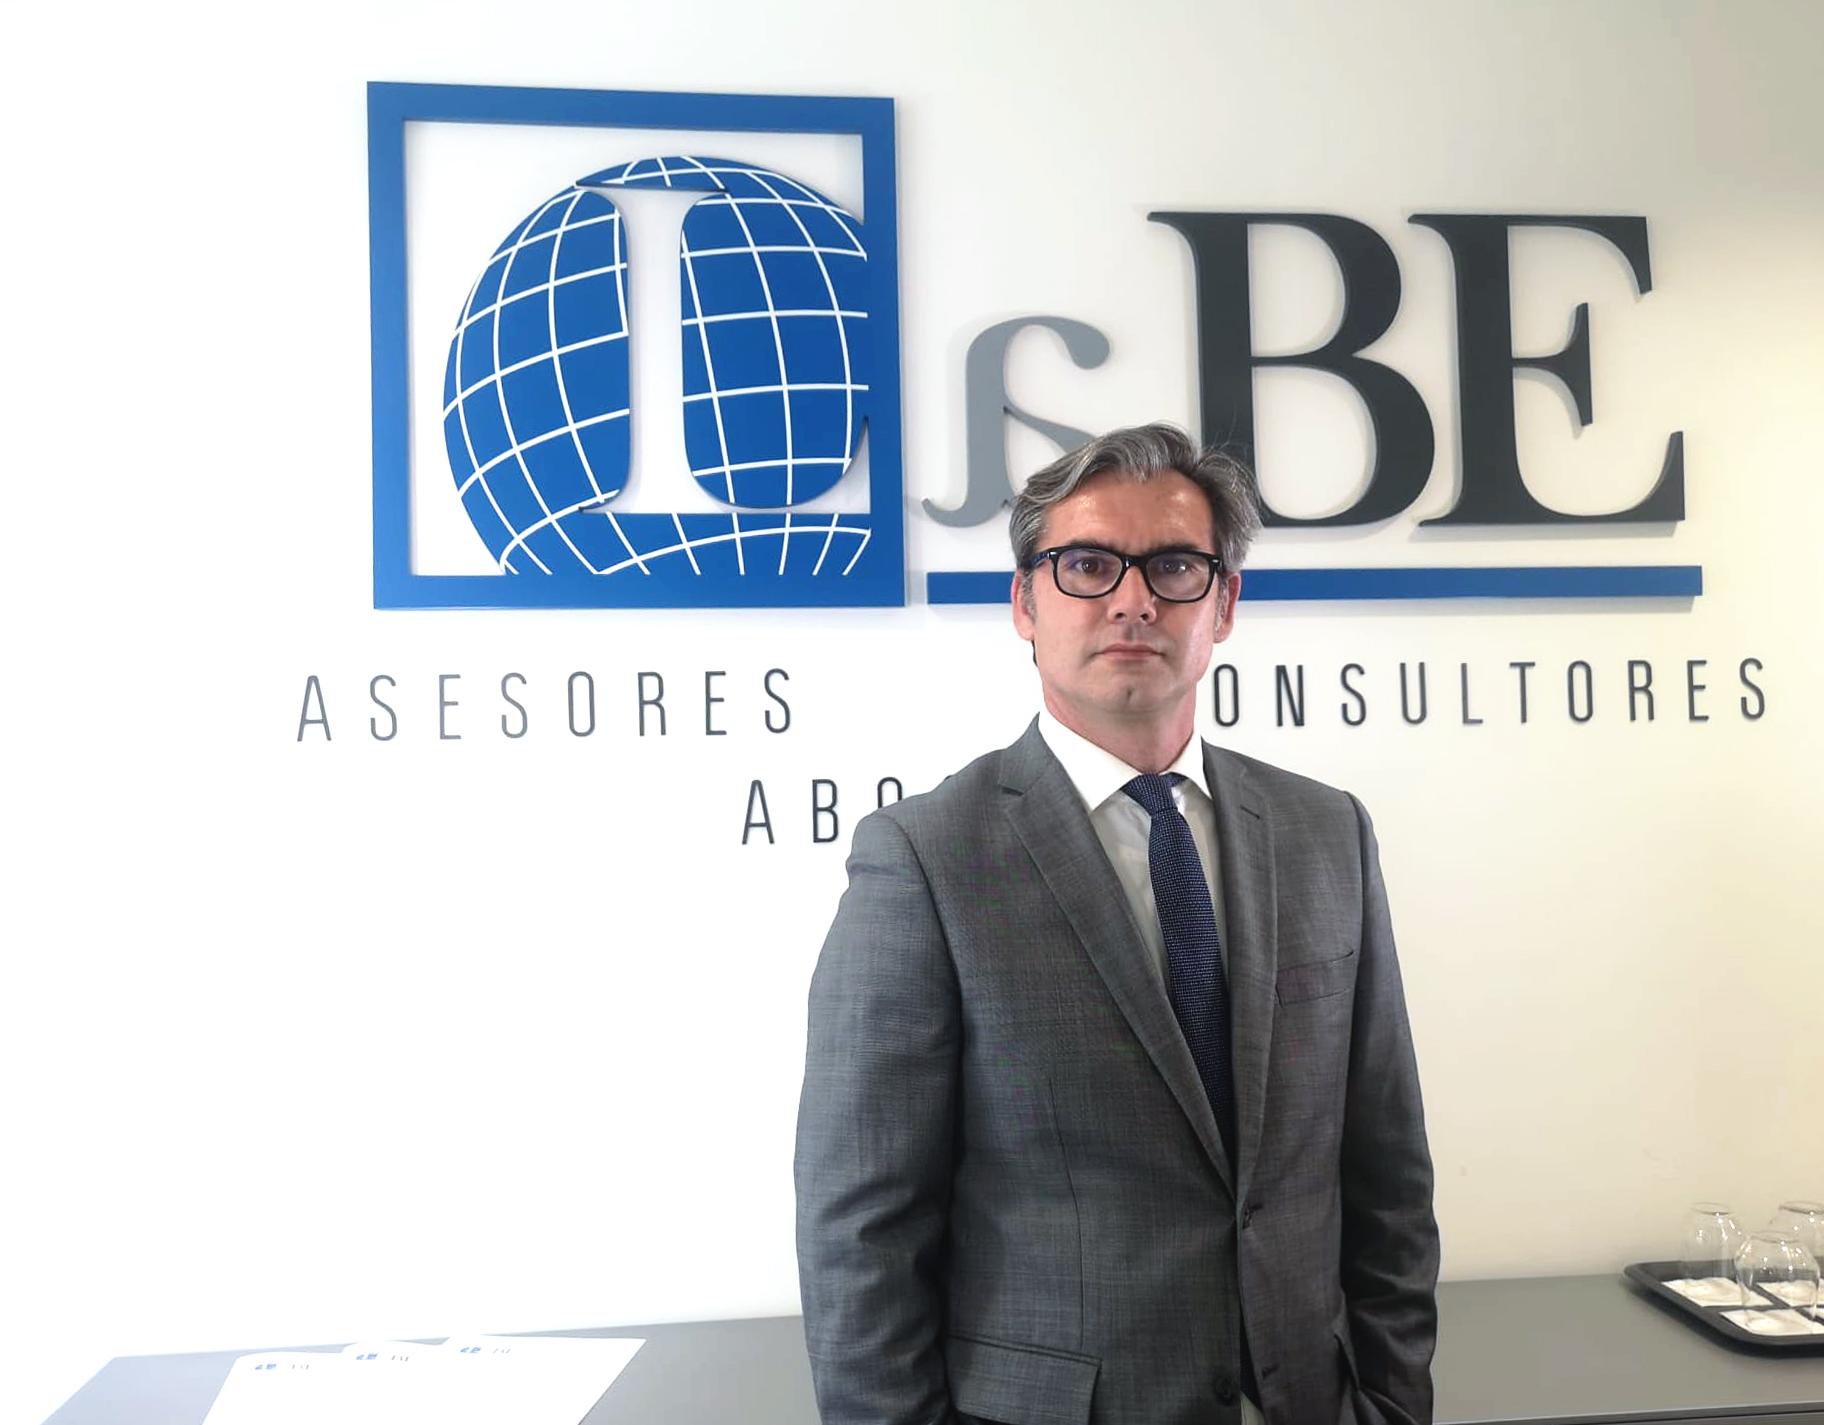 LABE fomenta su expansión internacional con el fichaje estratégico de Ricardo Arranz Pareja